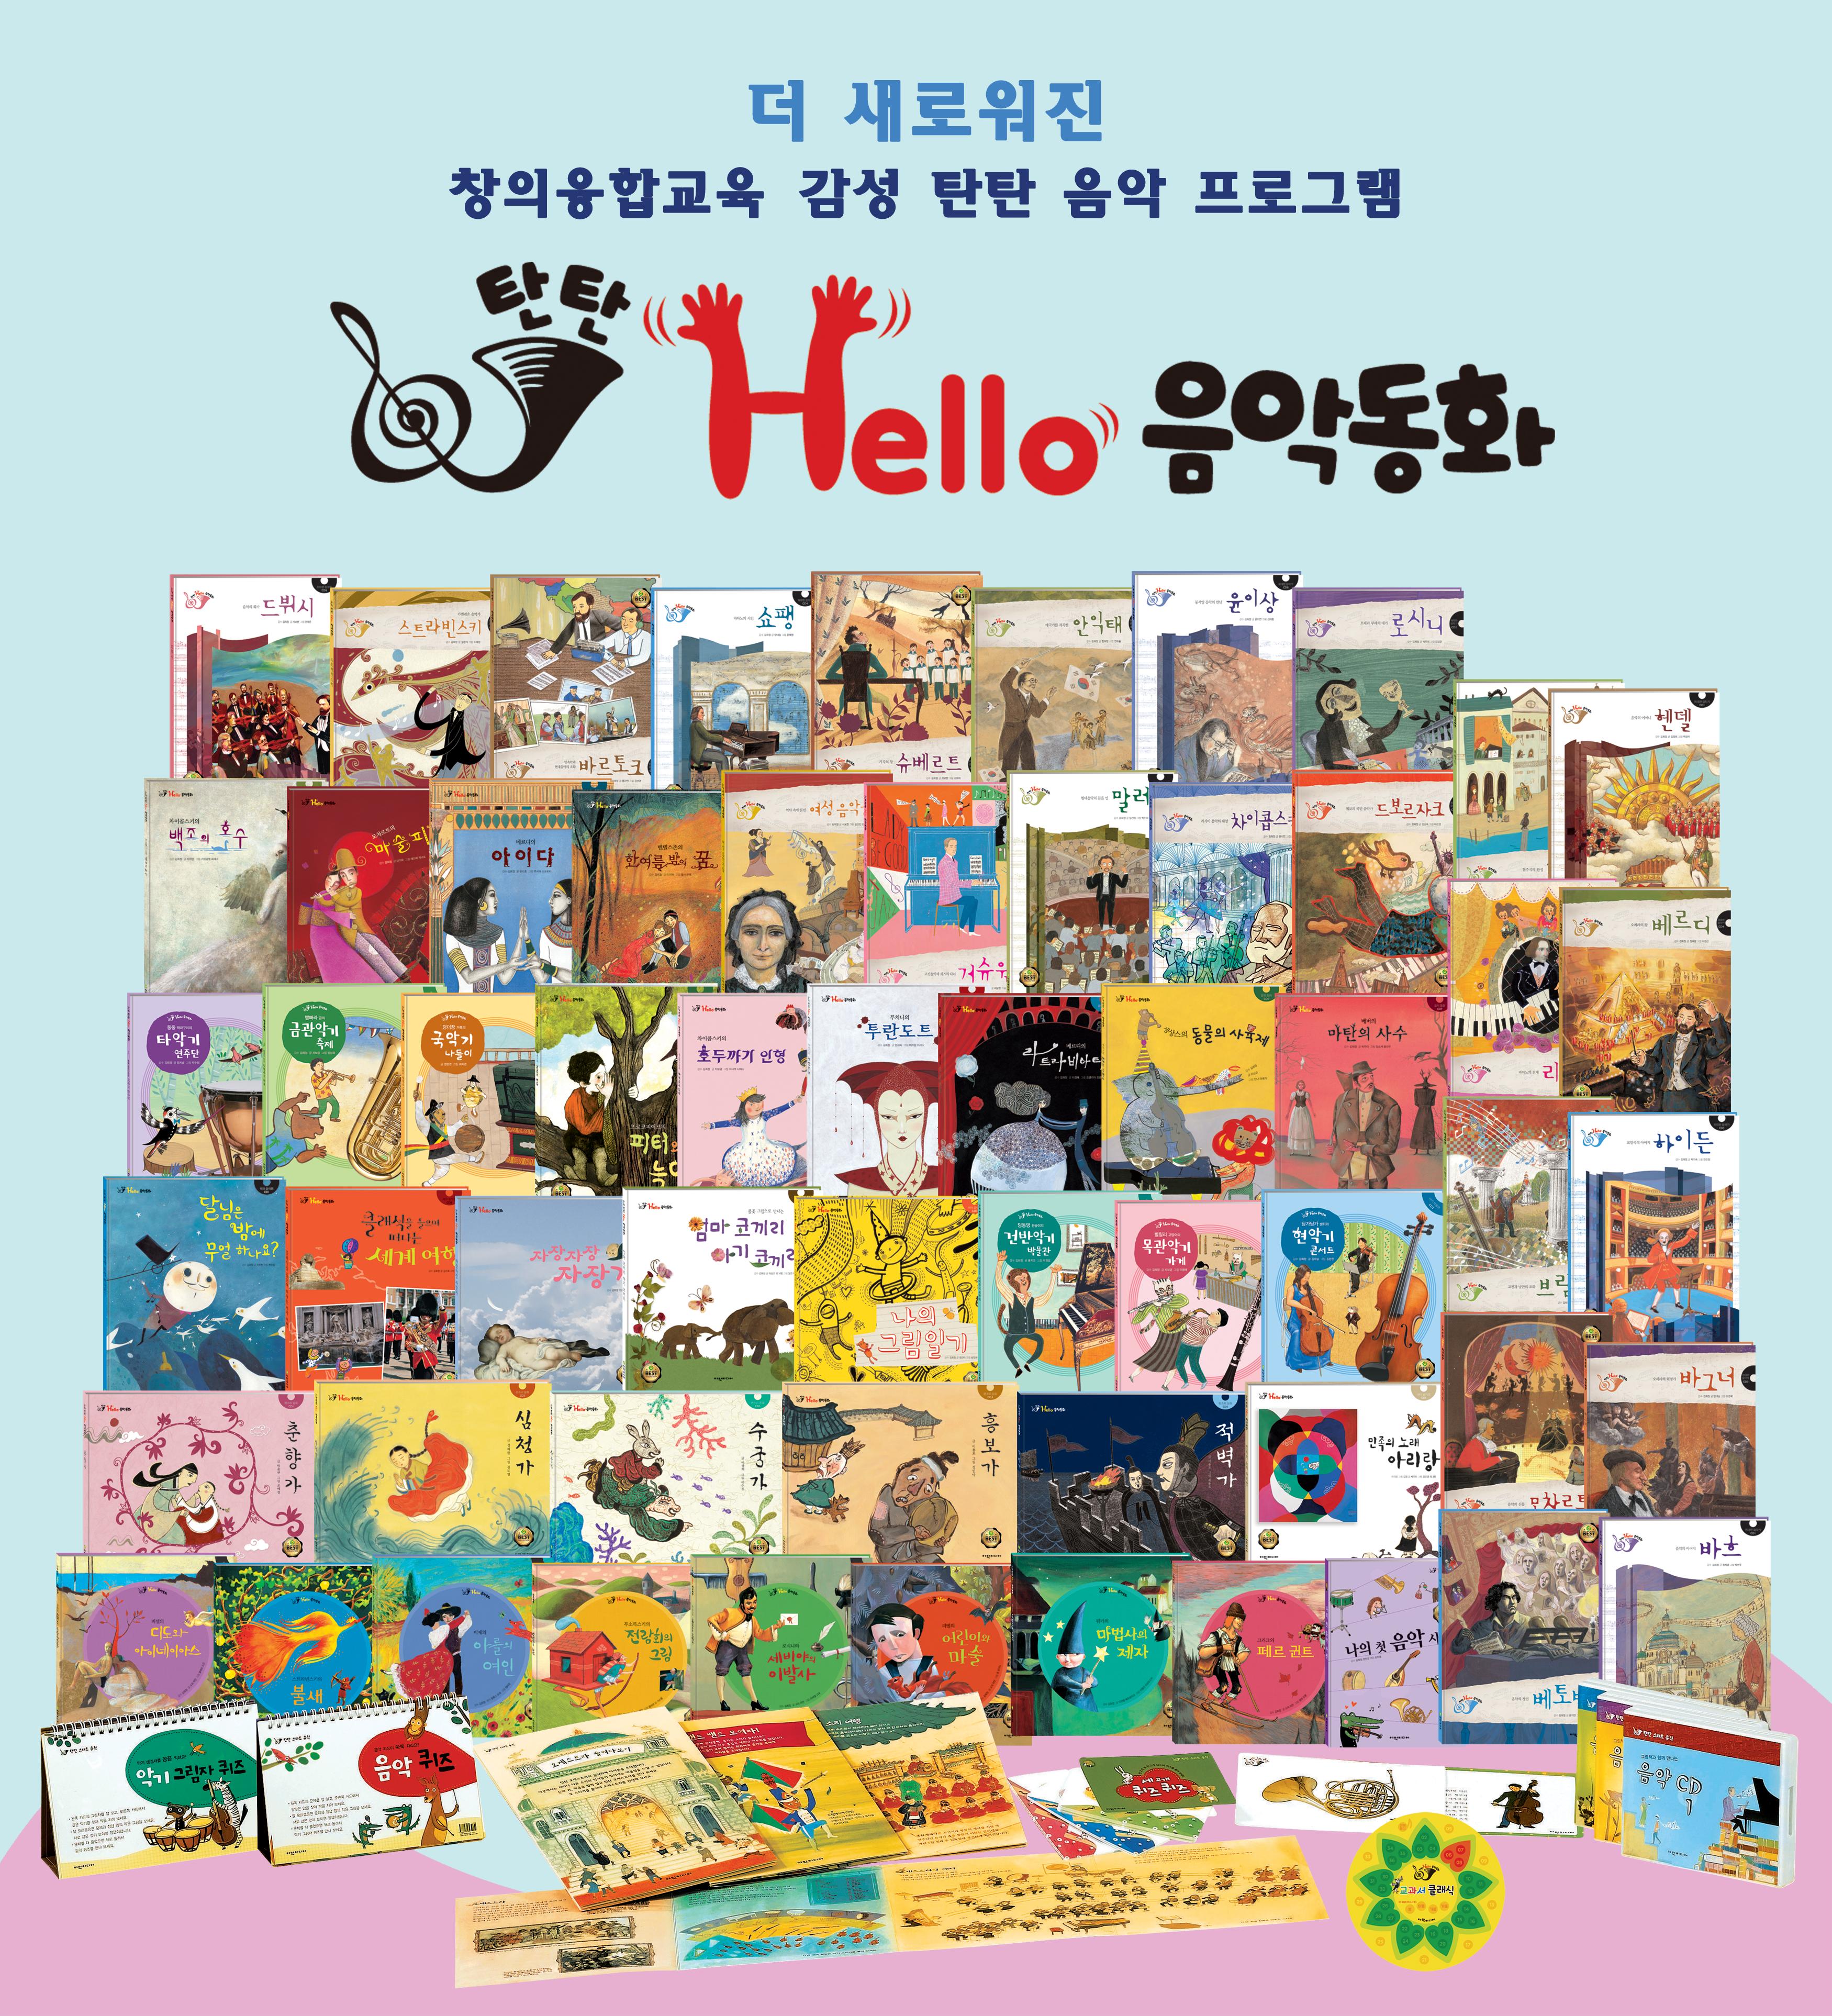 탄탄 헬로 음악동화